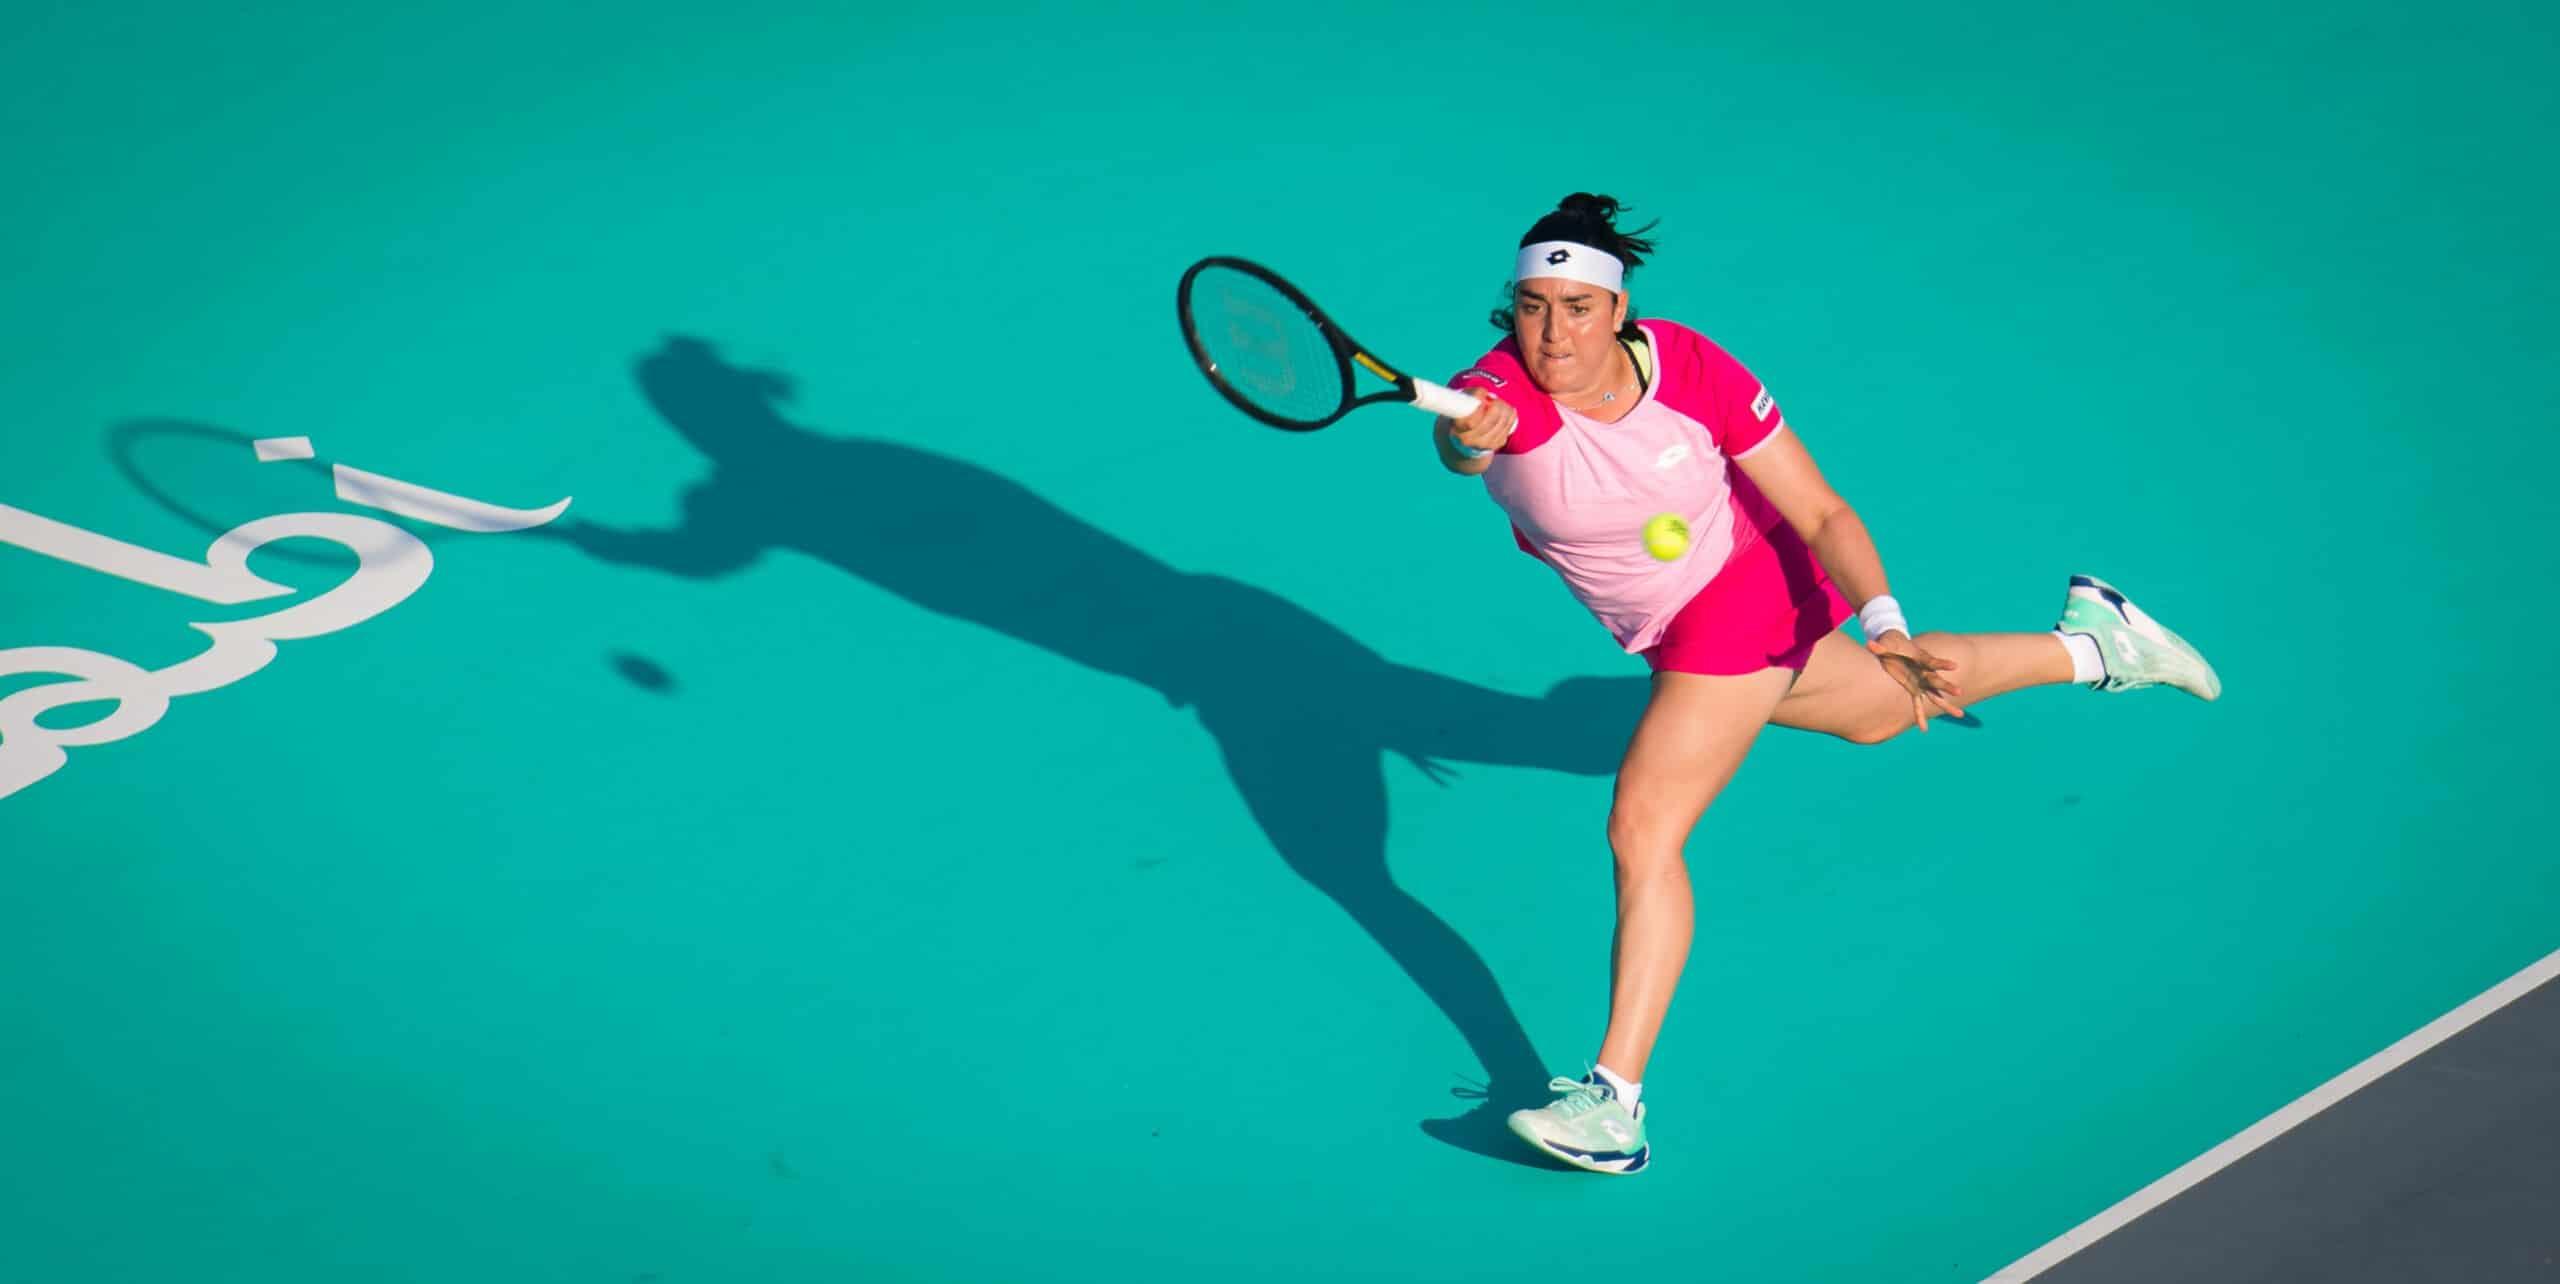 تونسية تُصنف في الترتيب ال 30 على مستوى العالم كأفضل لاعبة كرة تنس